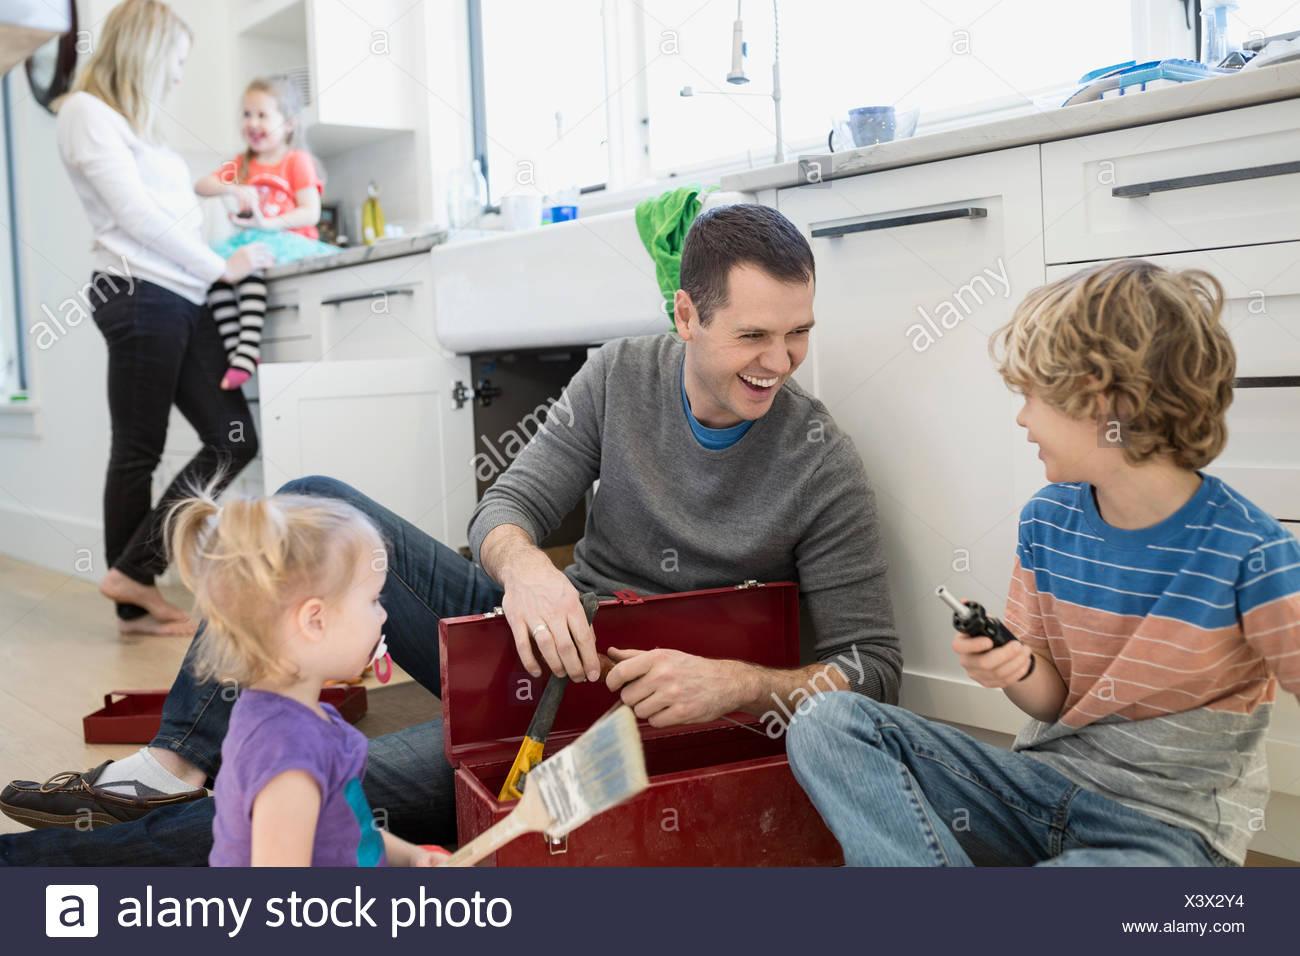 Le père et les enfants de rire sur le plancher de cuisine boîte à outils Photo Stock